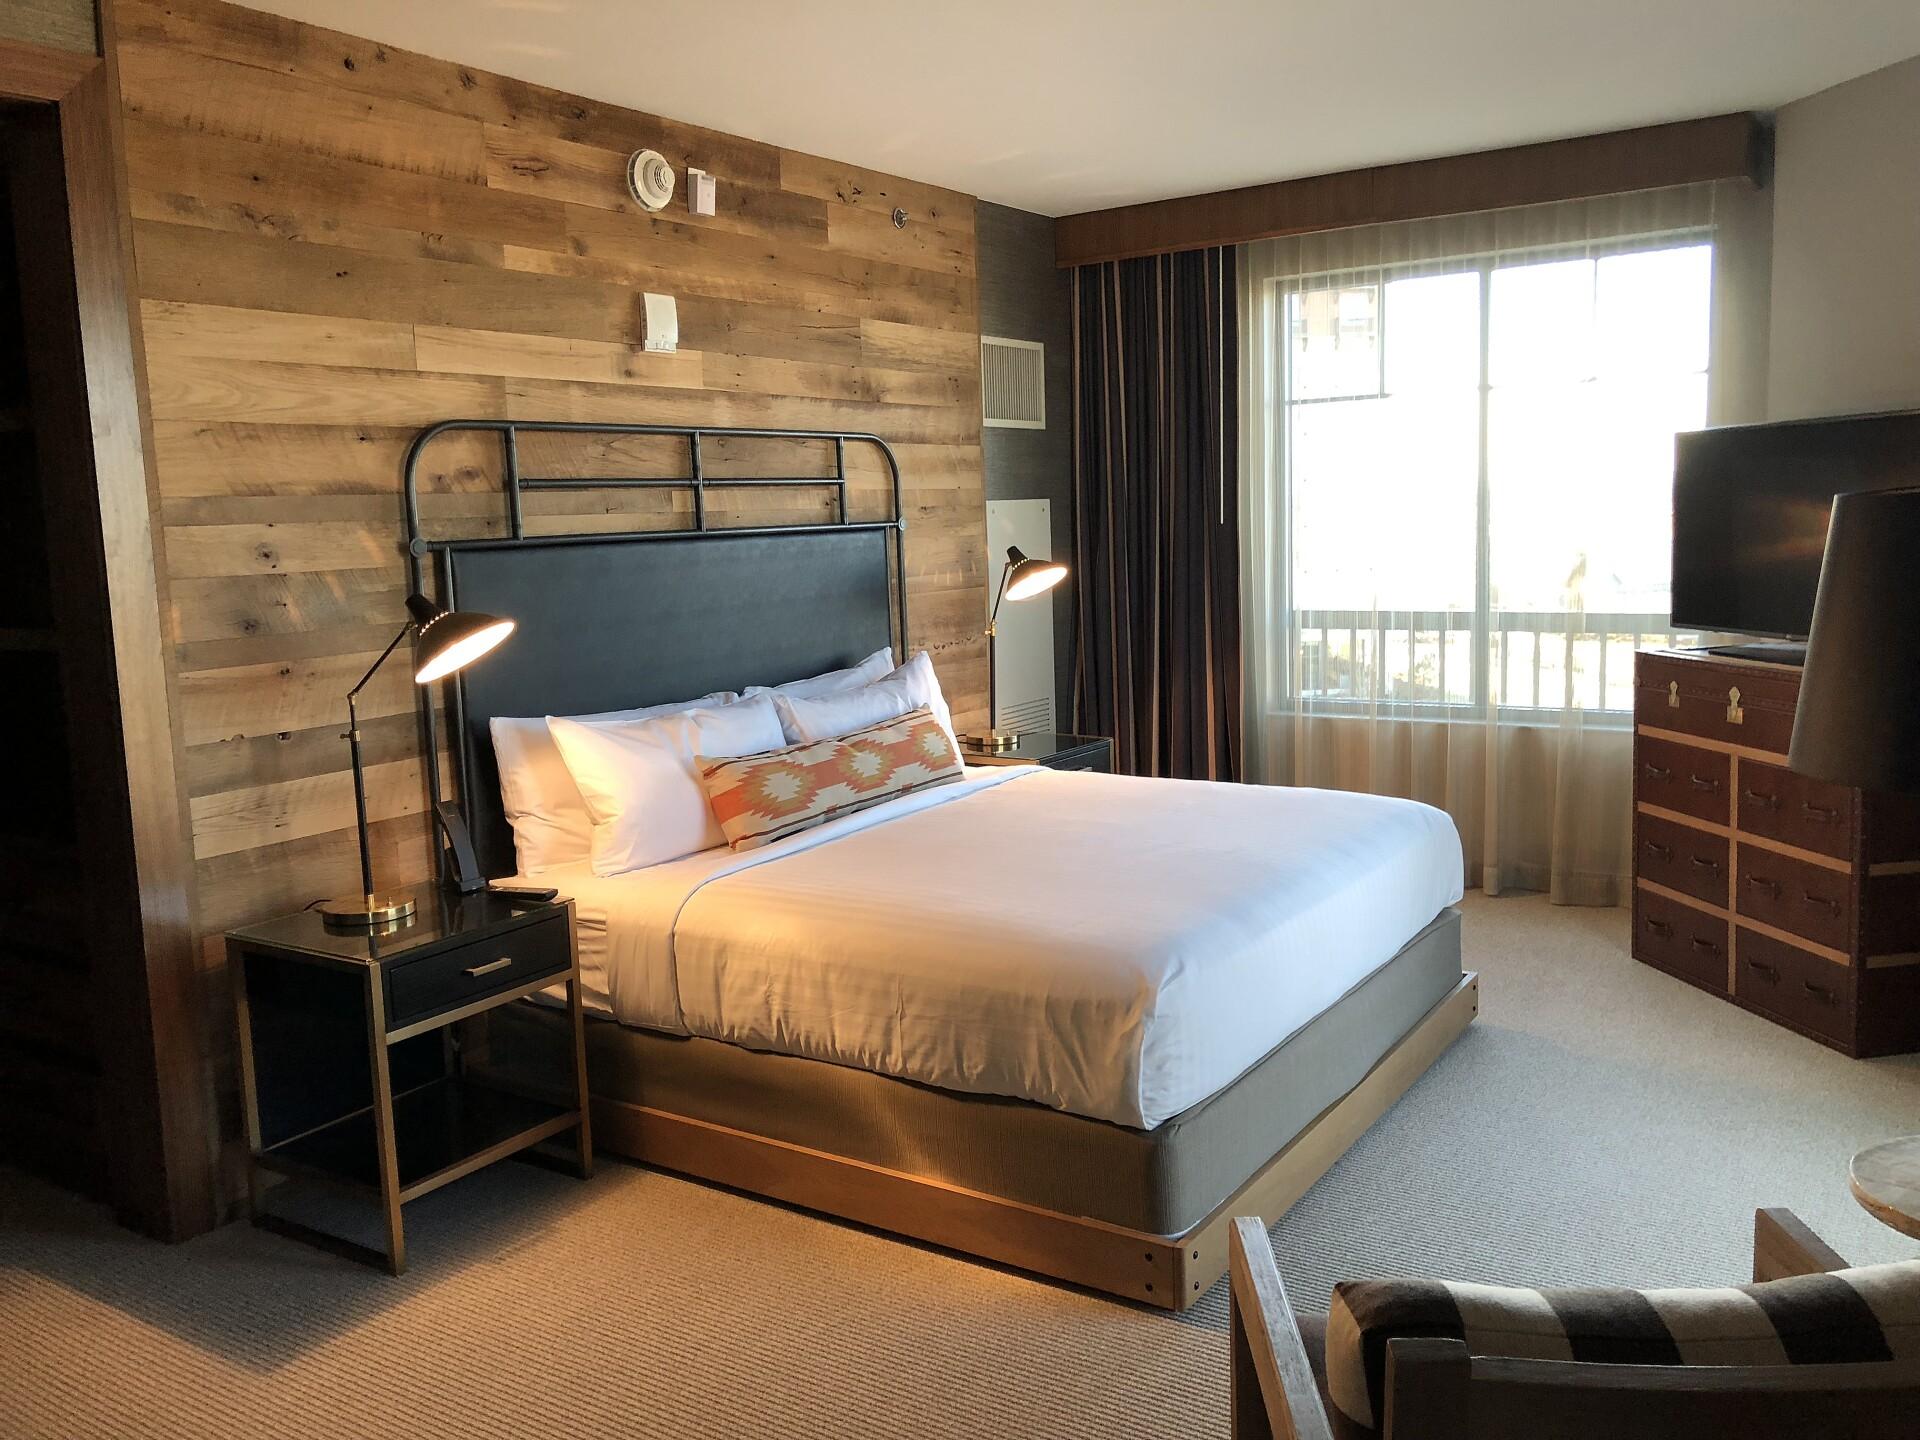 Gaylord Hotel_bedroom.jpg